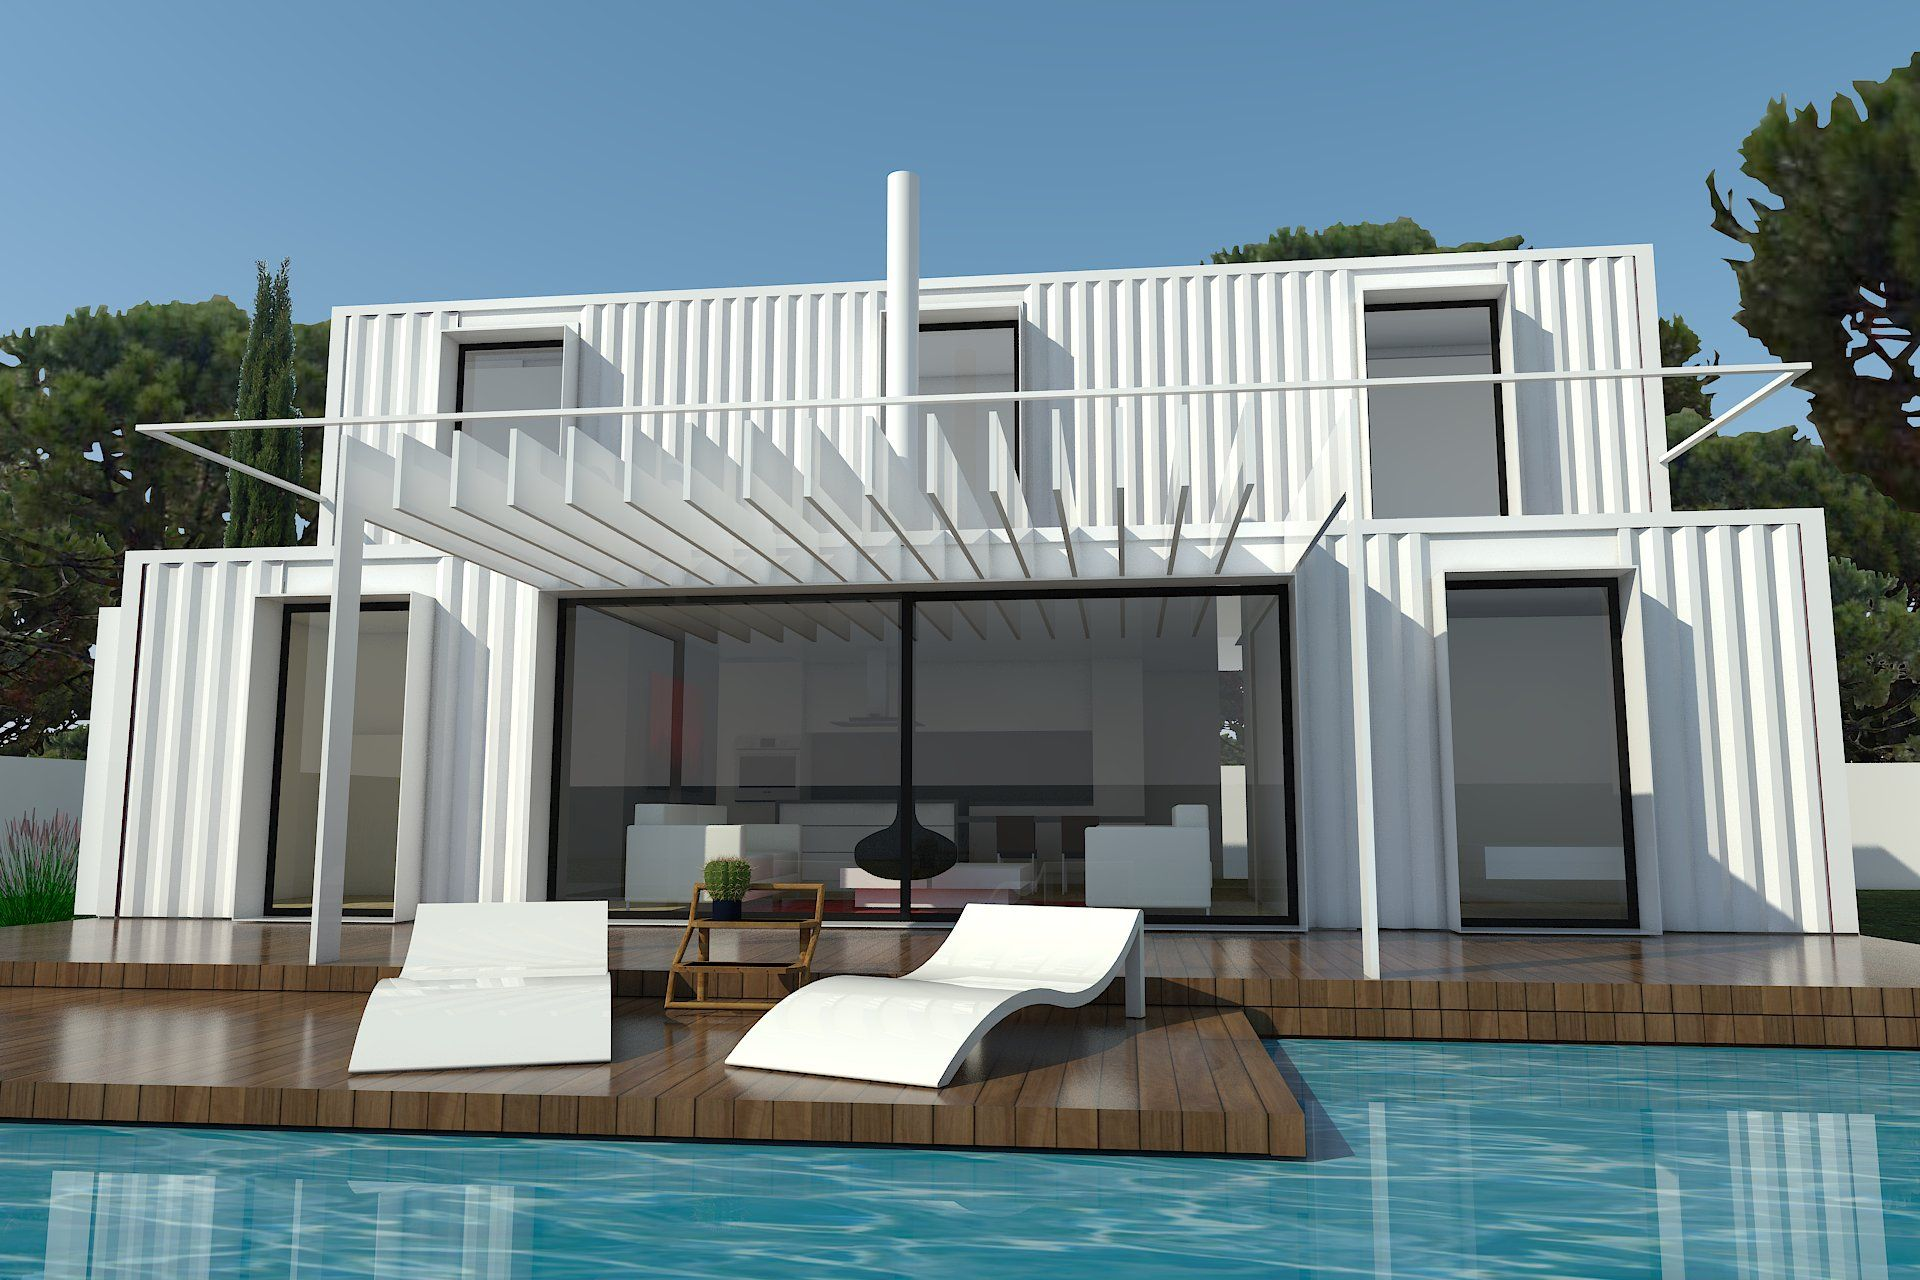 H kub casas prefabricadas en contenedores mar timos mi - Contenedores maritimos para vivienda ...